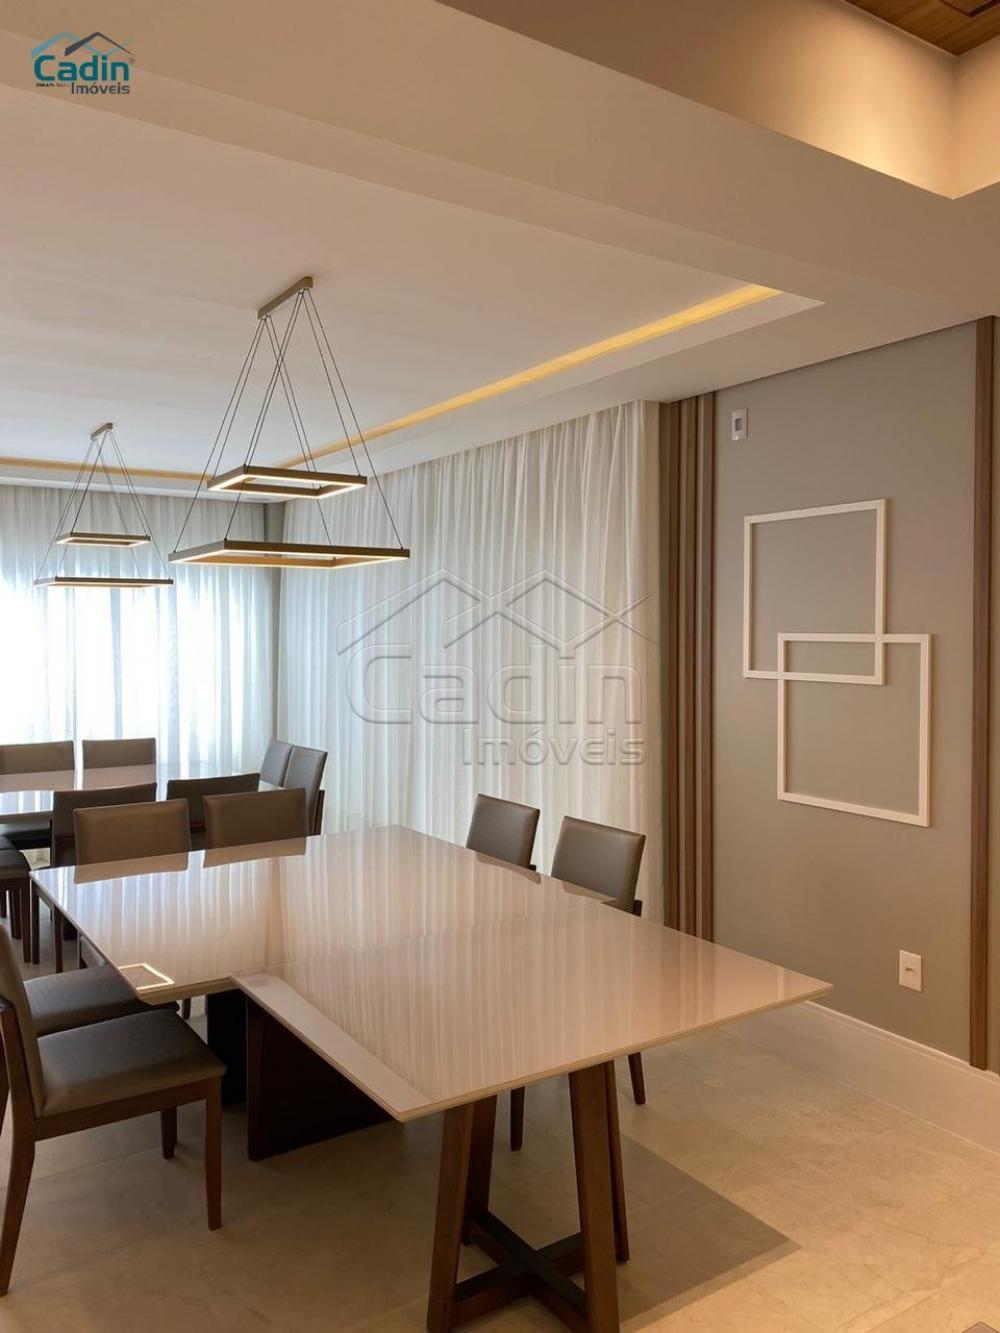 Comprar Apartamento / Padrão em Navegantes R$ 545.361,68 - Foto 28